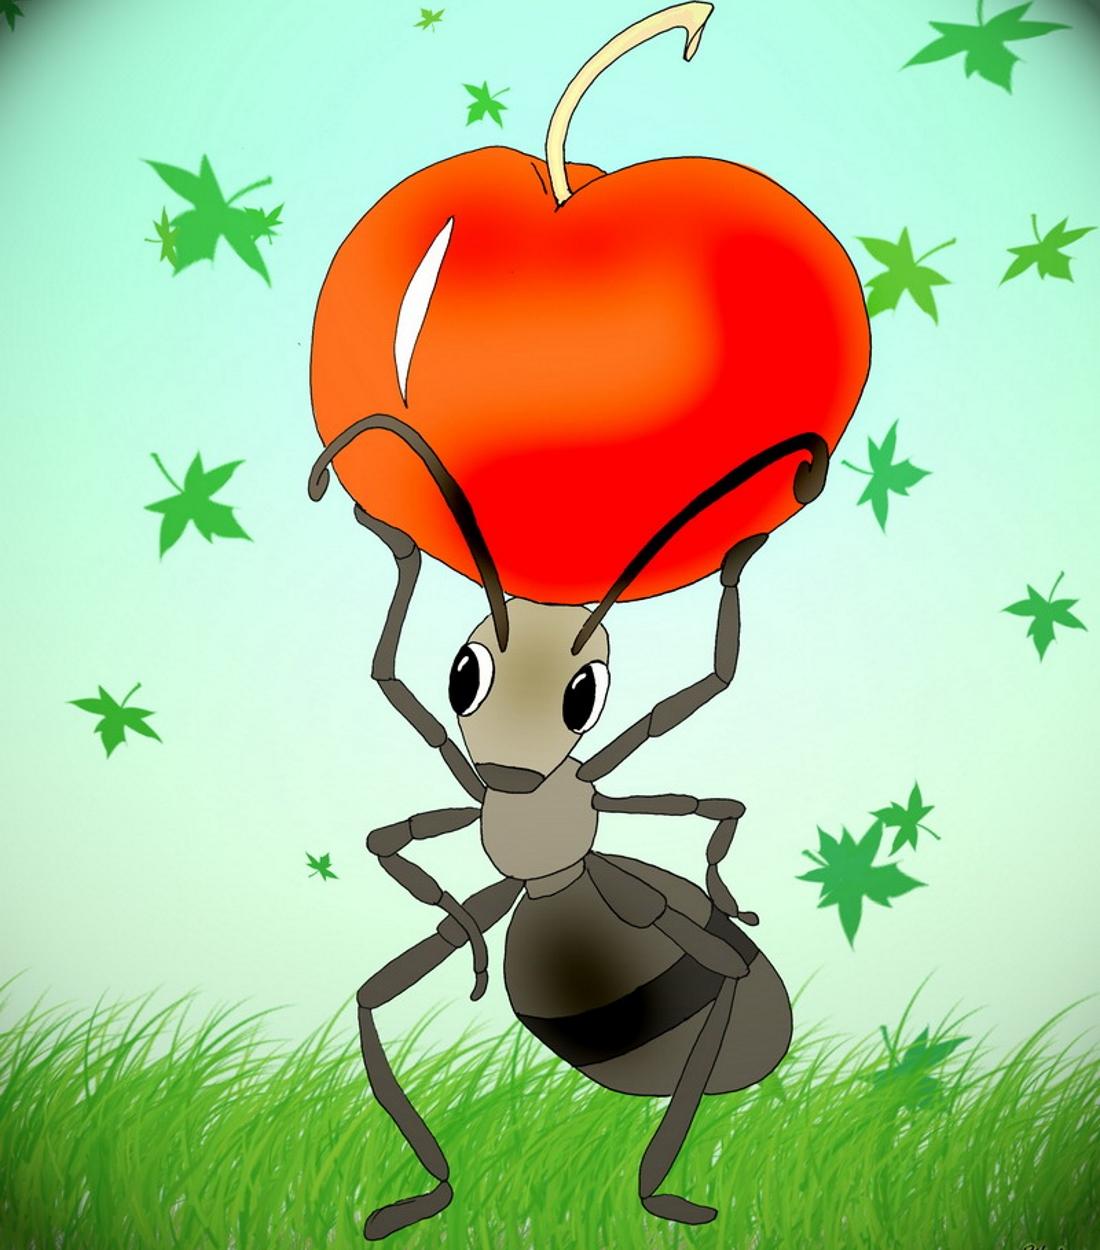 картинка с изображением муравья семян меньше миллиметра